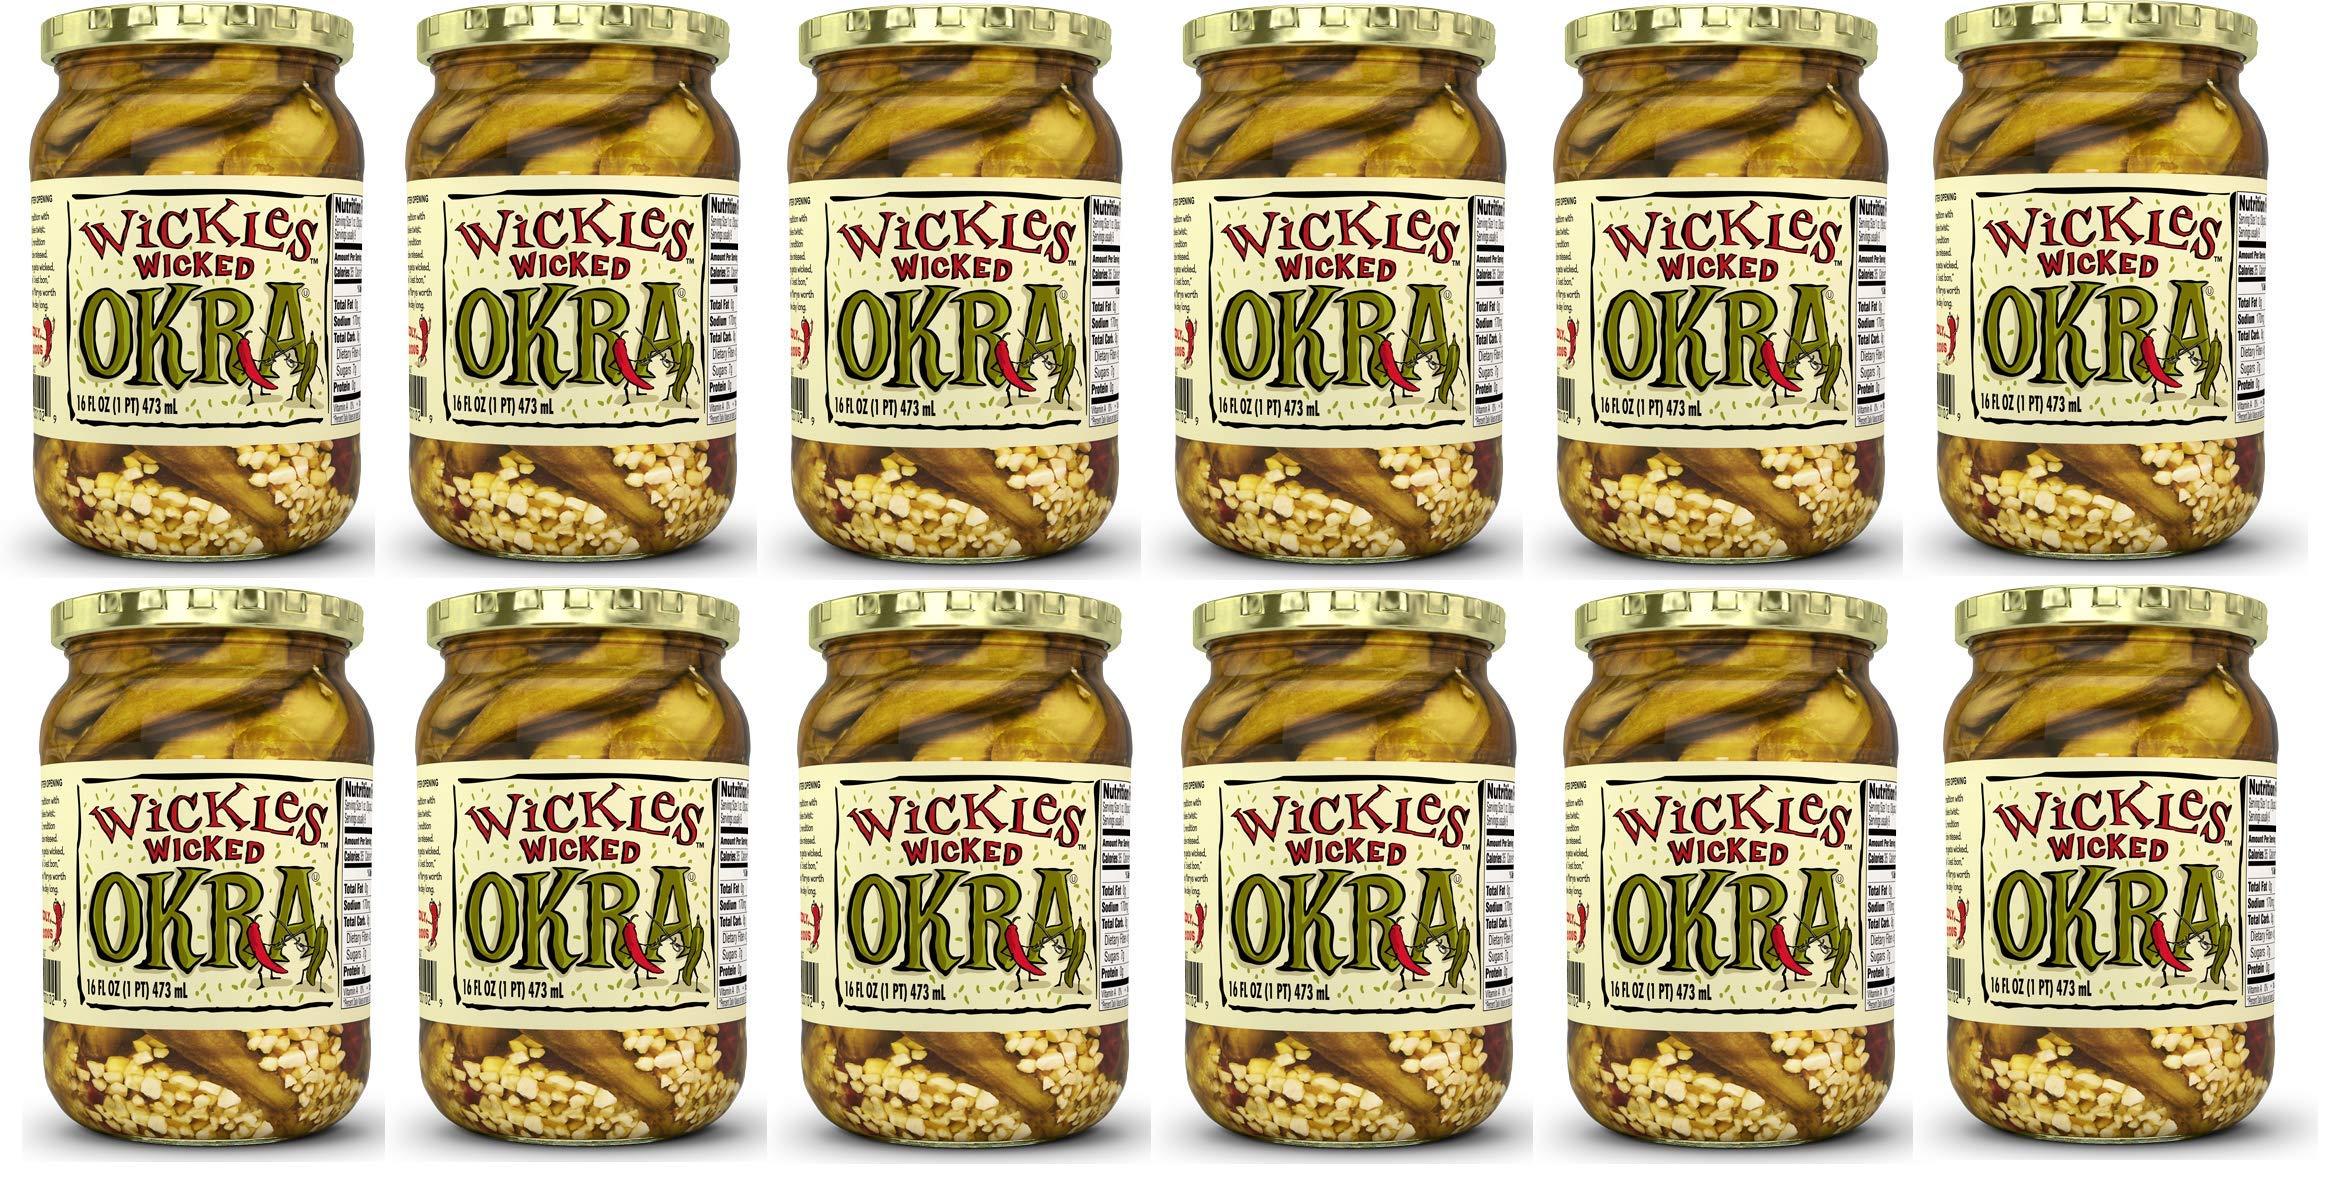 Wickles Wicked Okra, 16 Ounce -- 12 per case.